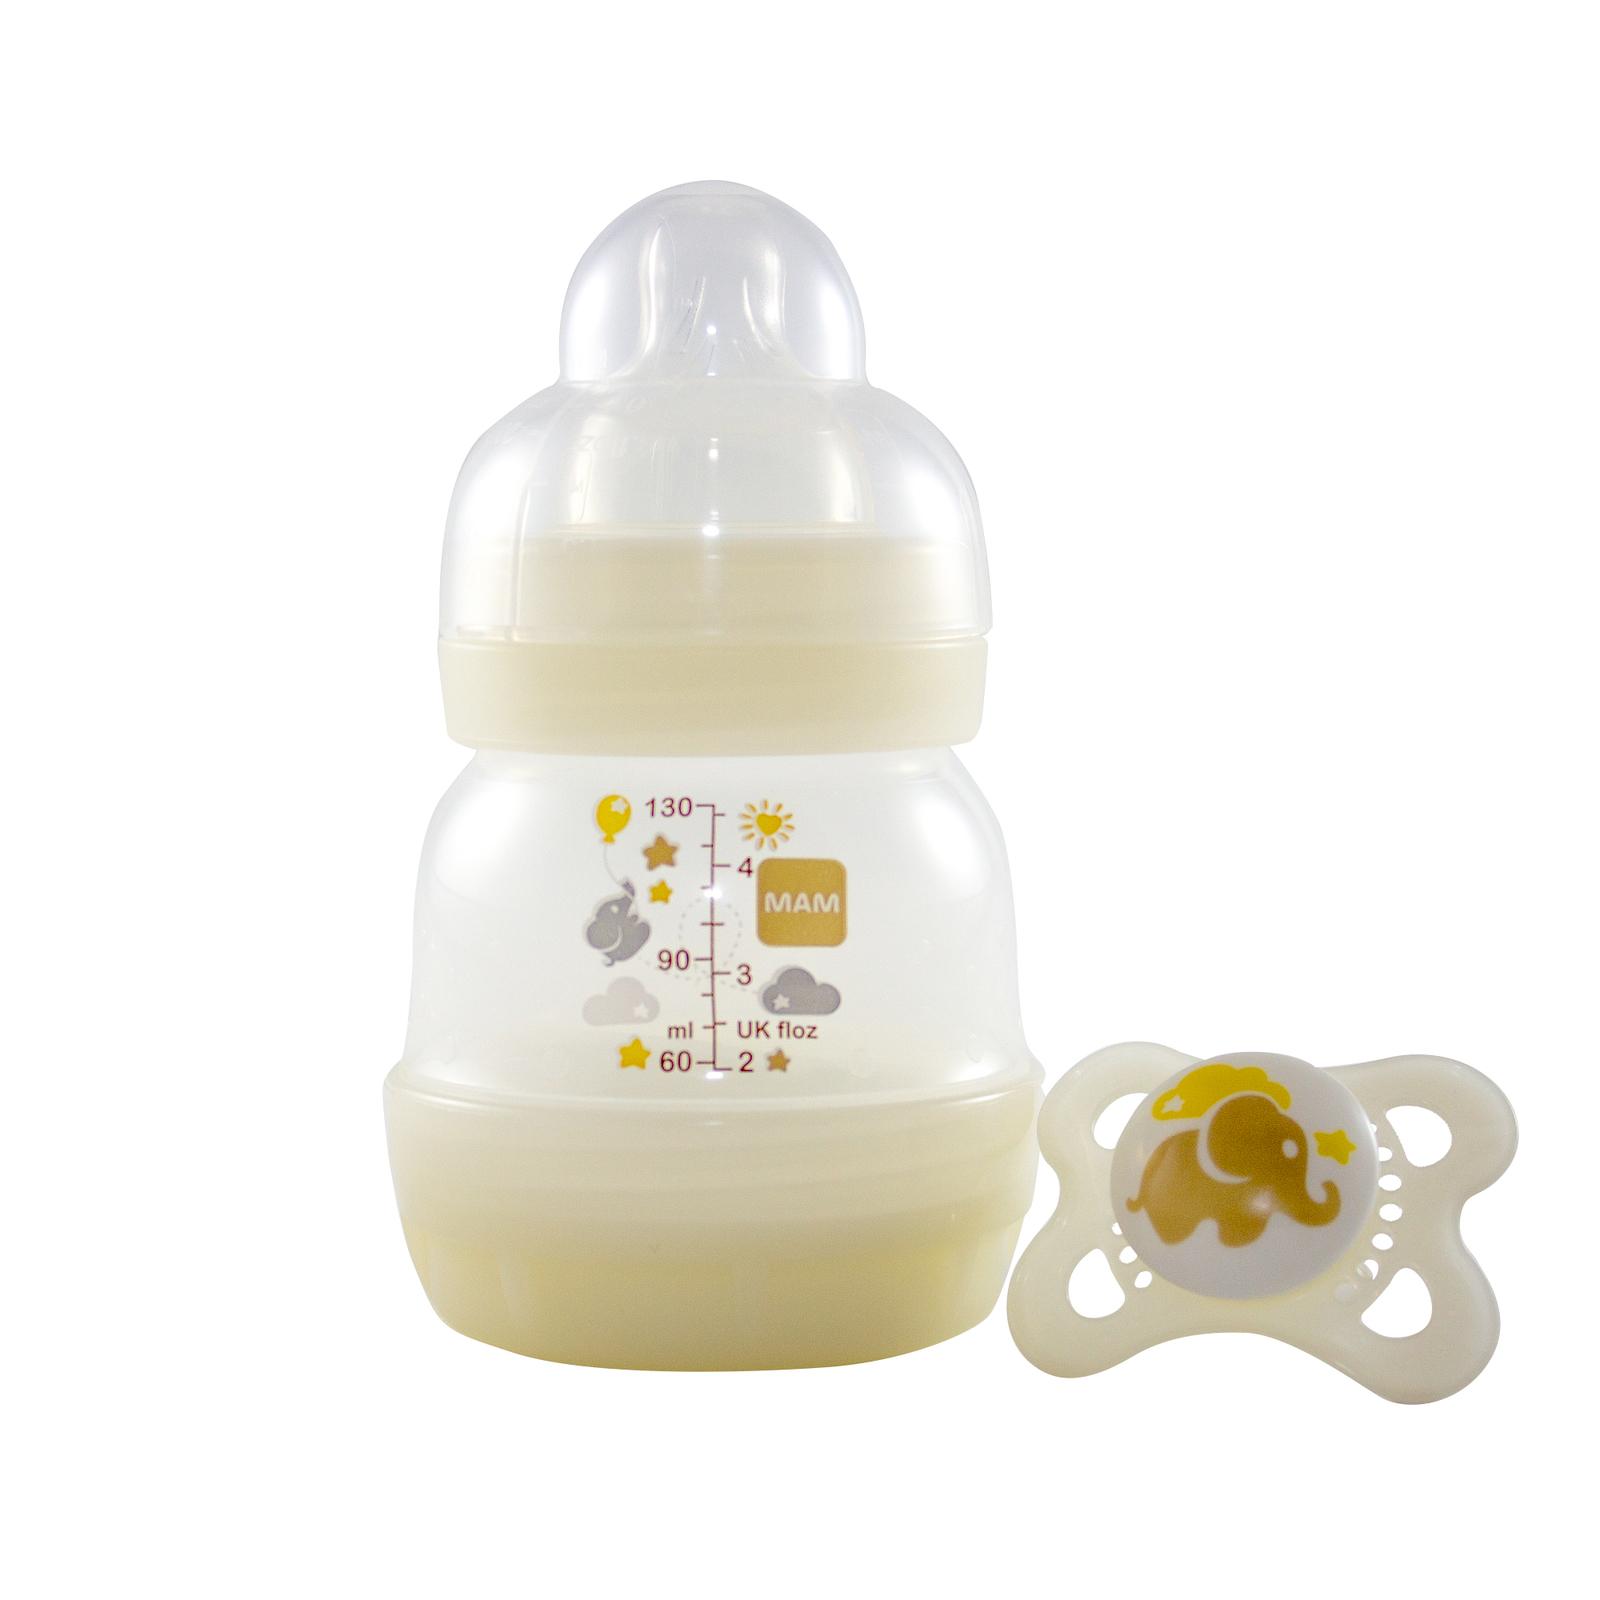 MAM Anticolic Feeding Bottle 130ml - Single (White) image